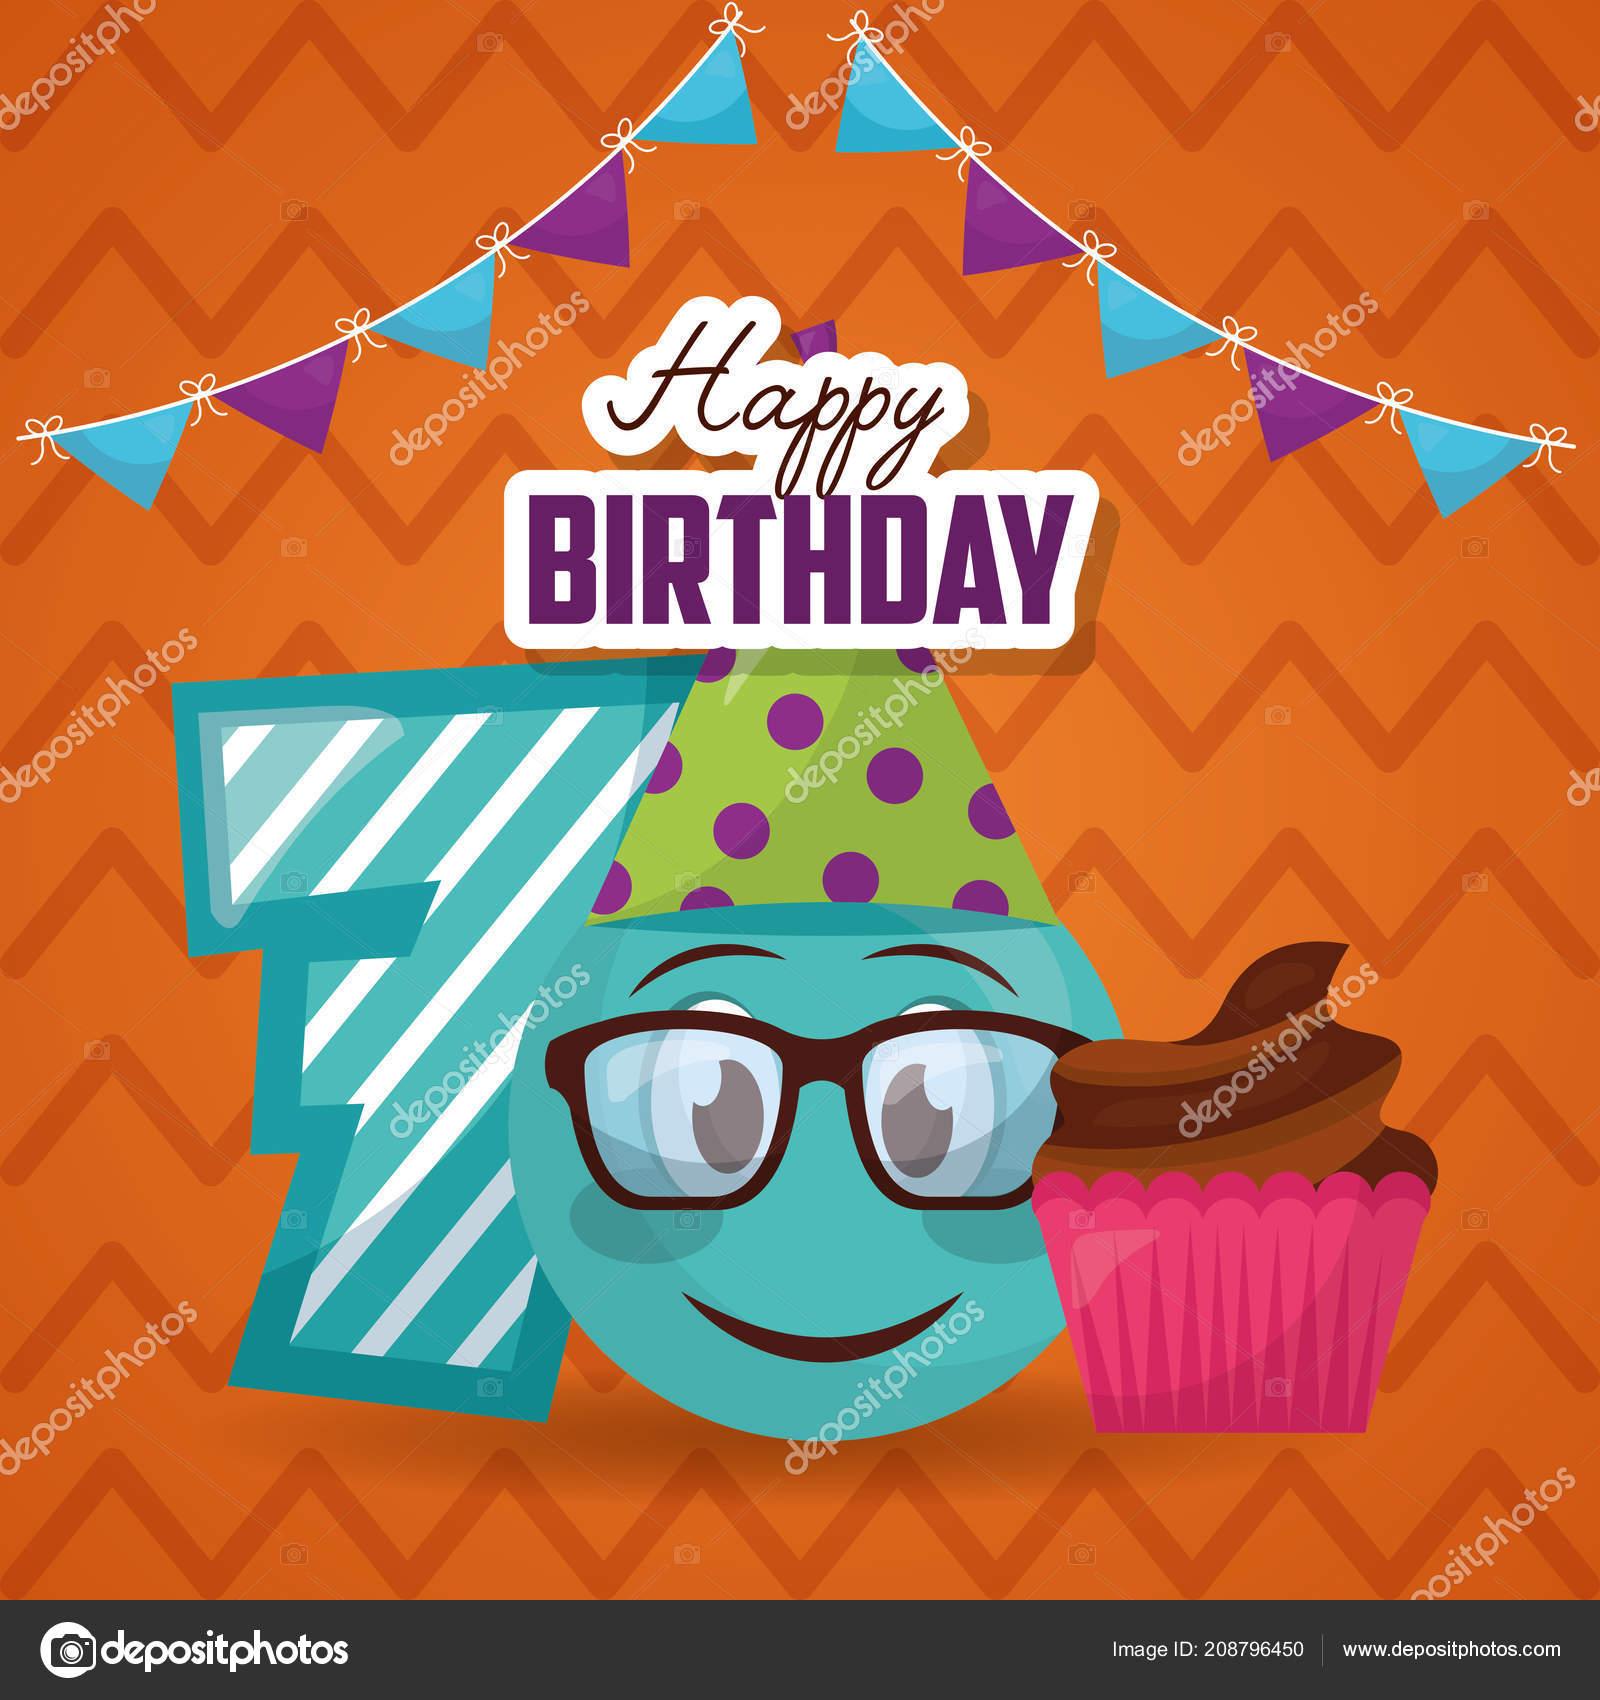 Alles Gute Zum Geburtstag Nummer Emoji Mit Brille Kuchen Wimpel